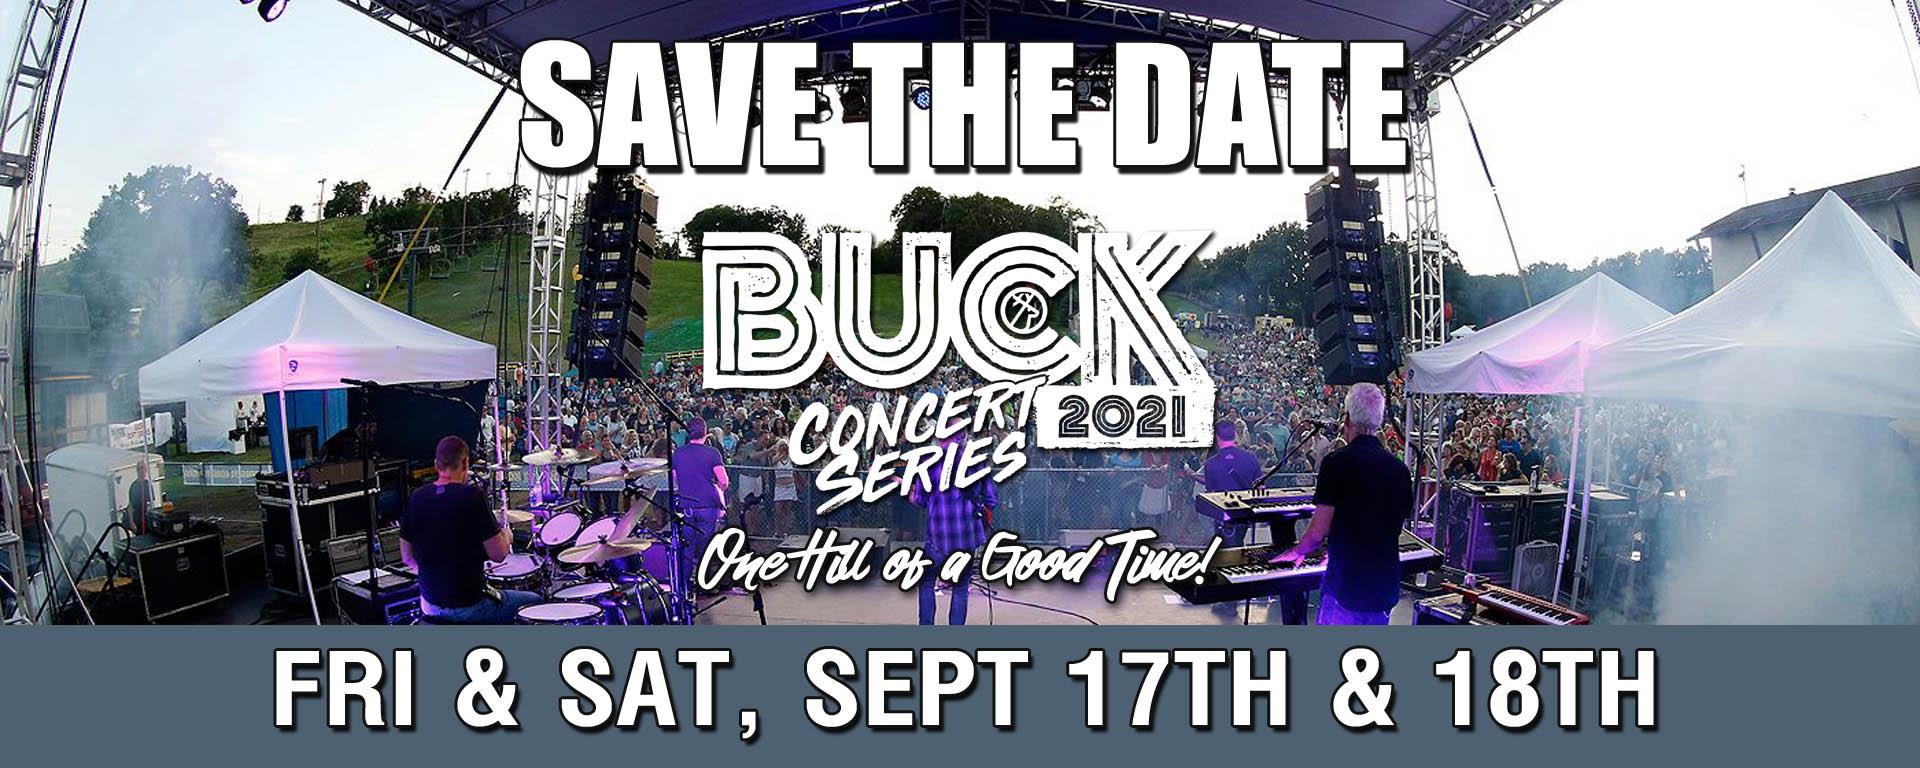 Buck Hill Conert Series 2021 Save the Date